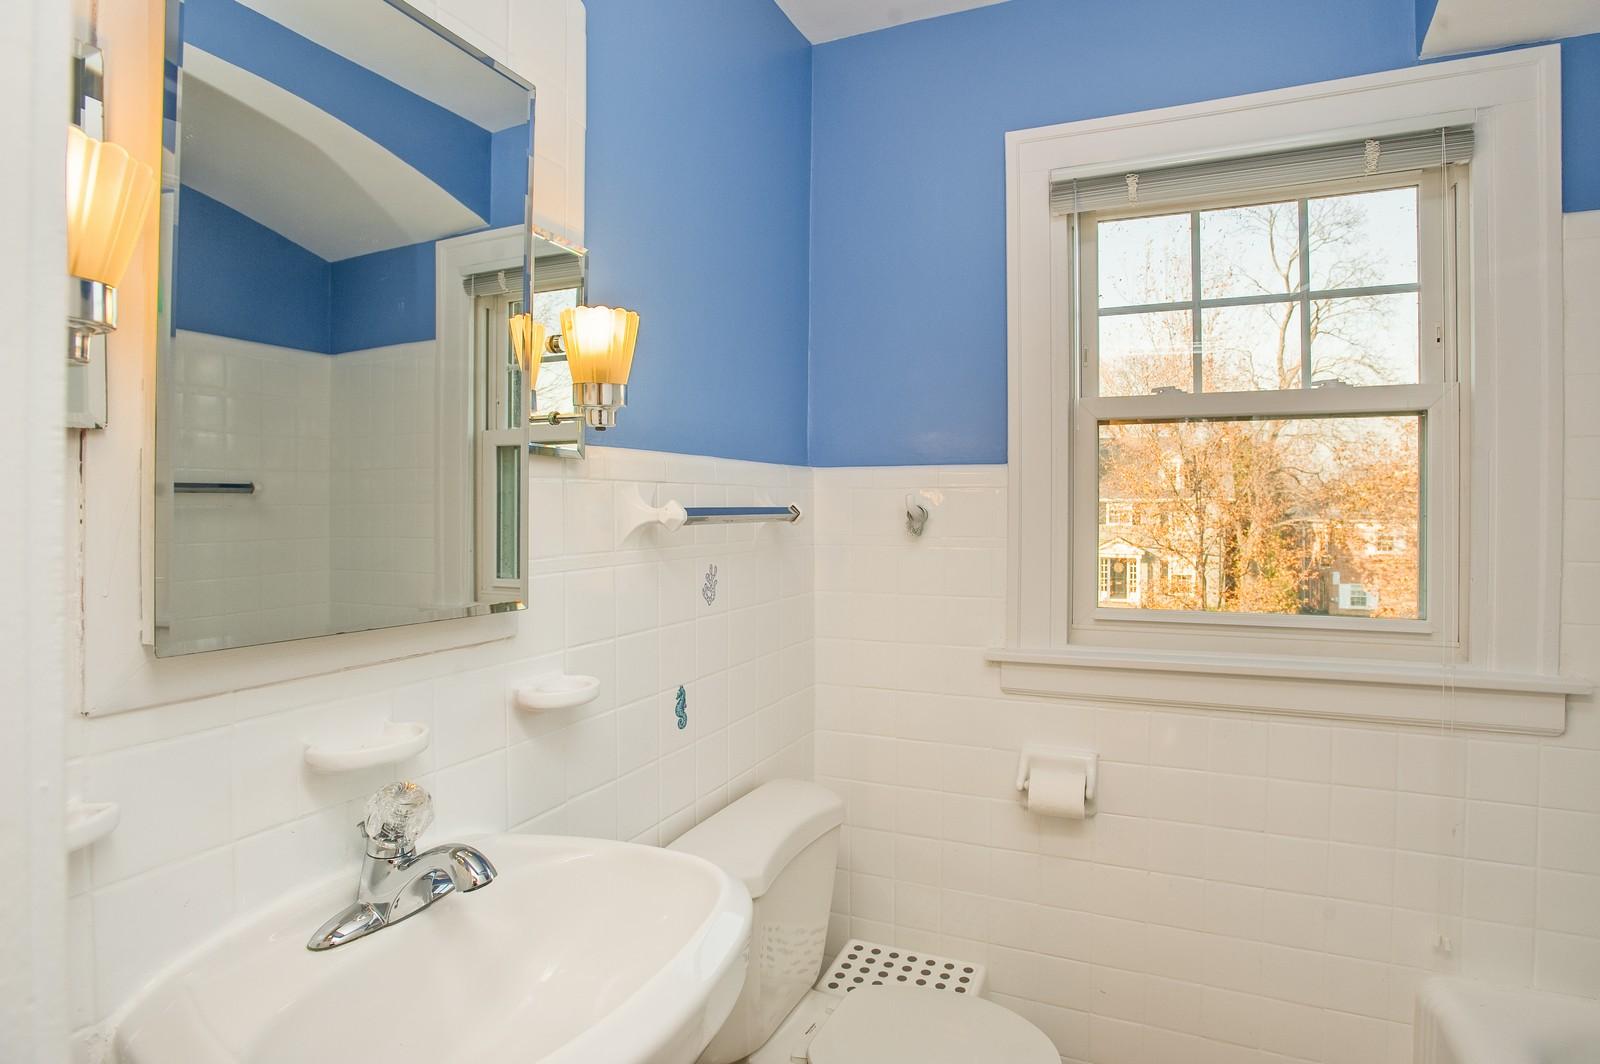 Real Estate Photography - 556 Winnetka Ave, Winnetka, IL, 60093 - 2nd Bathroom